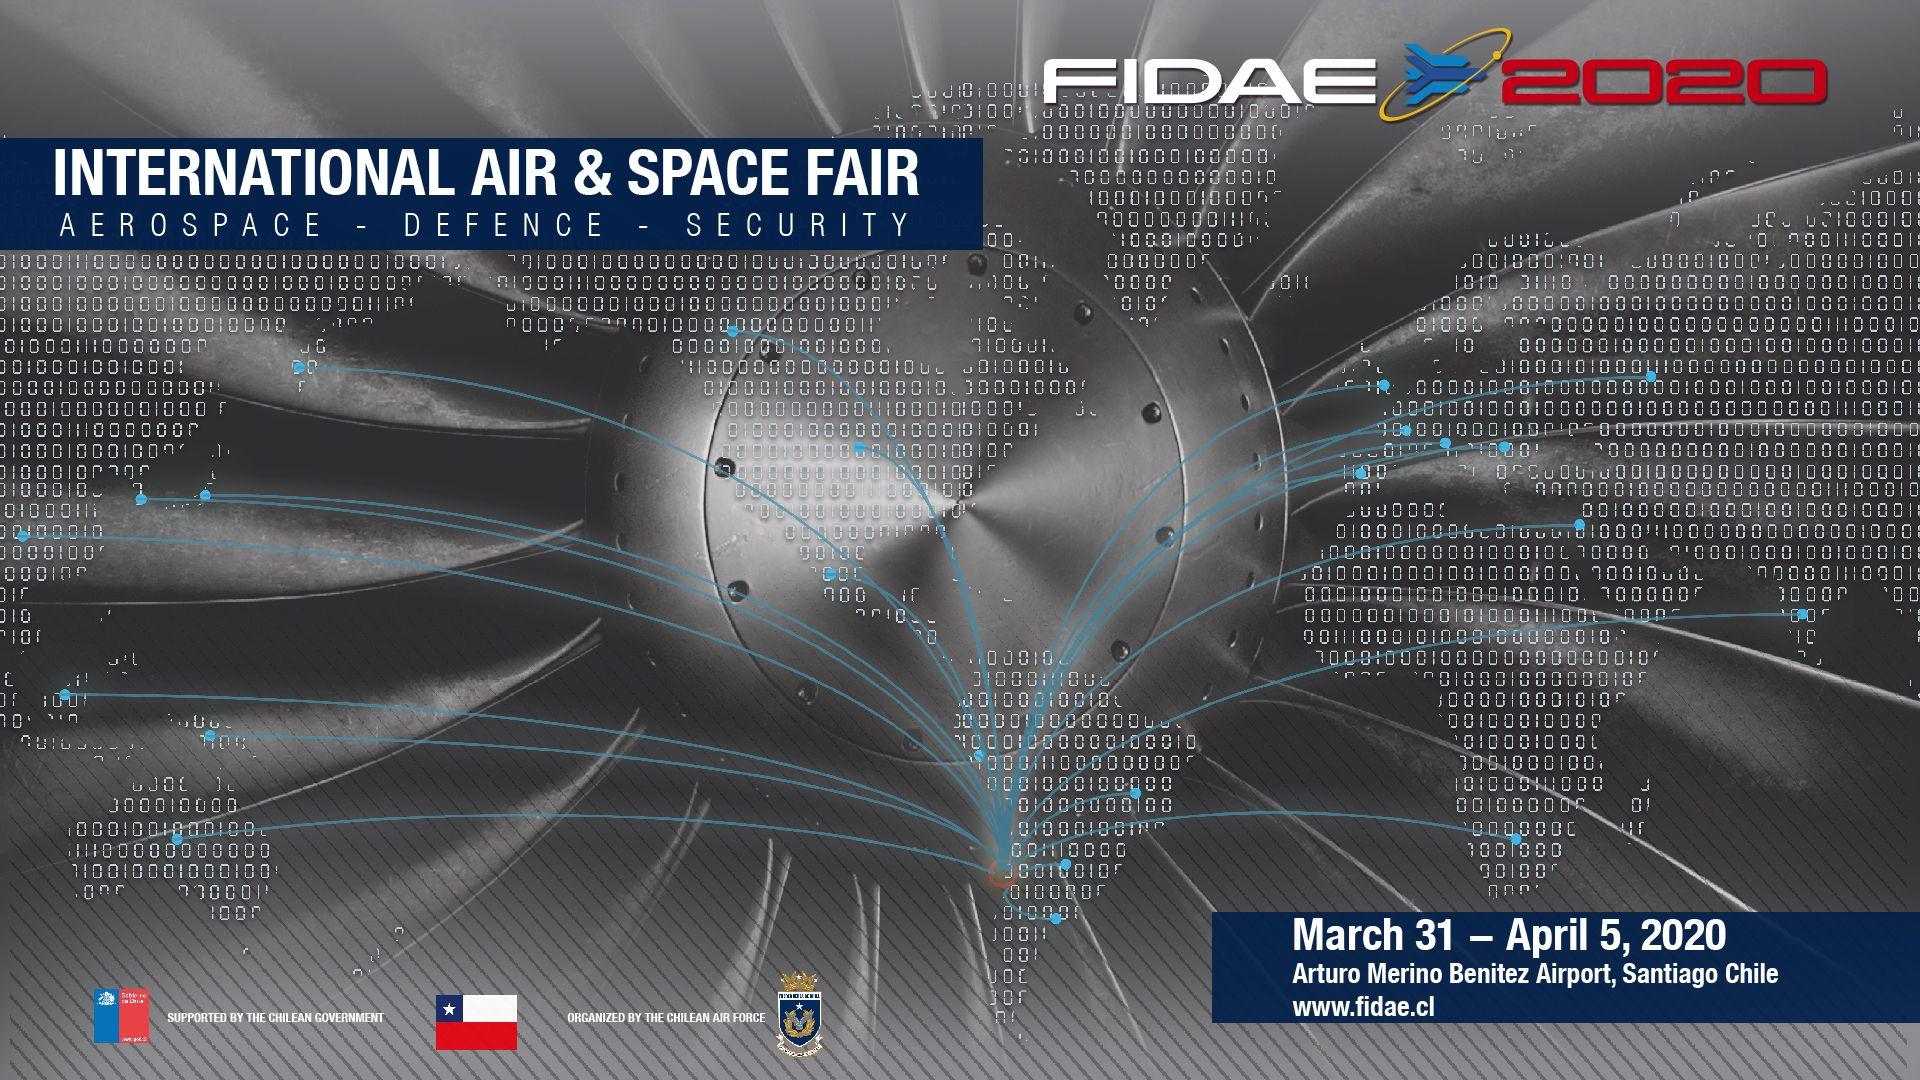 Photo of FIDAE 2020 La 21° versión que conmemora 40 años de trayectoria desde FIDA 1980